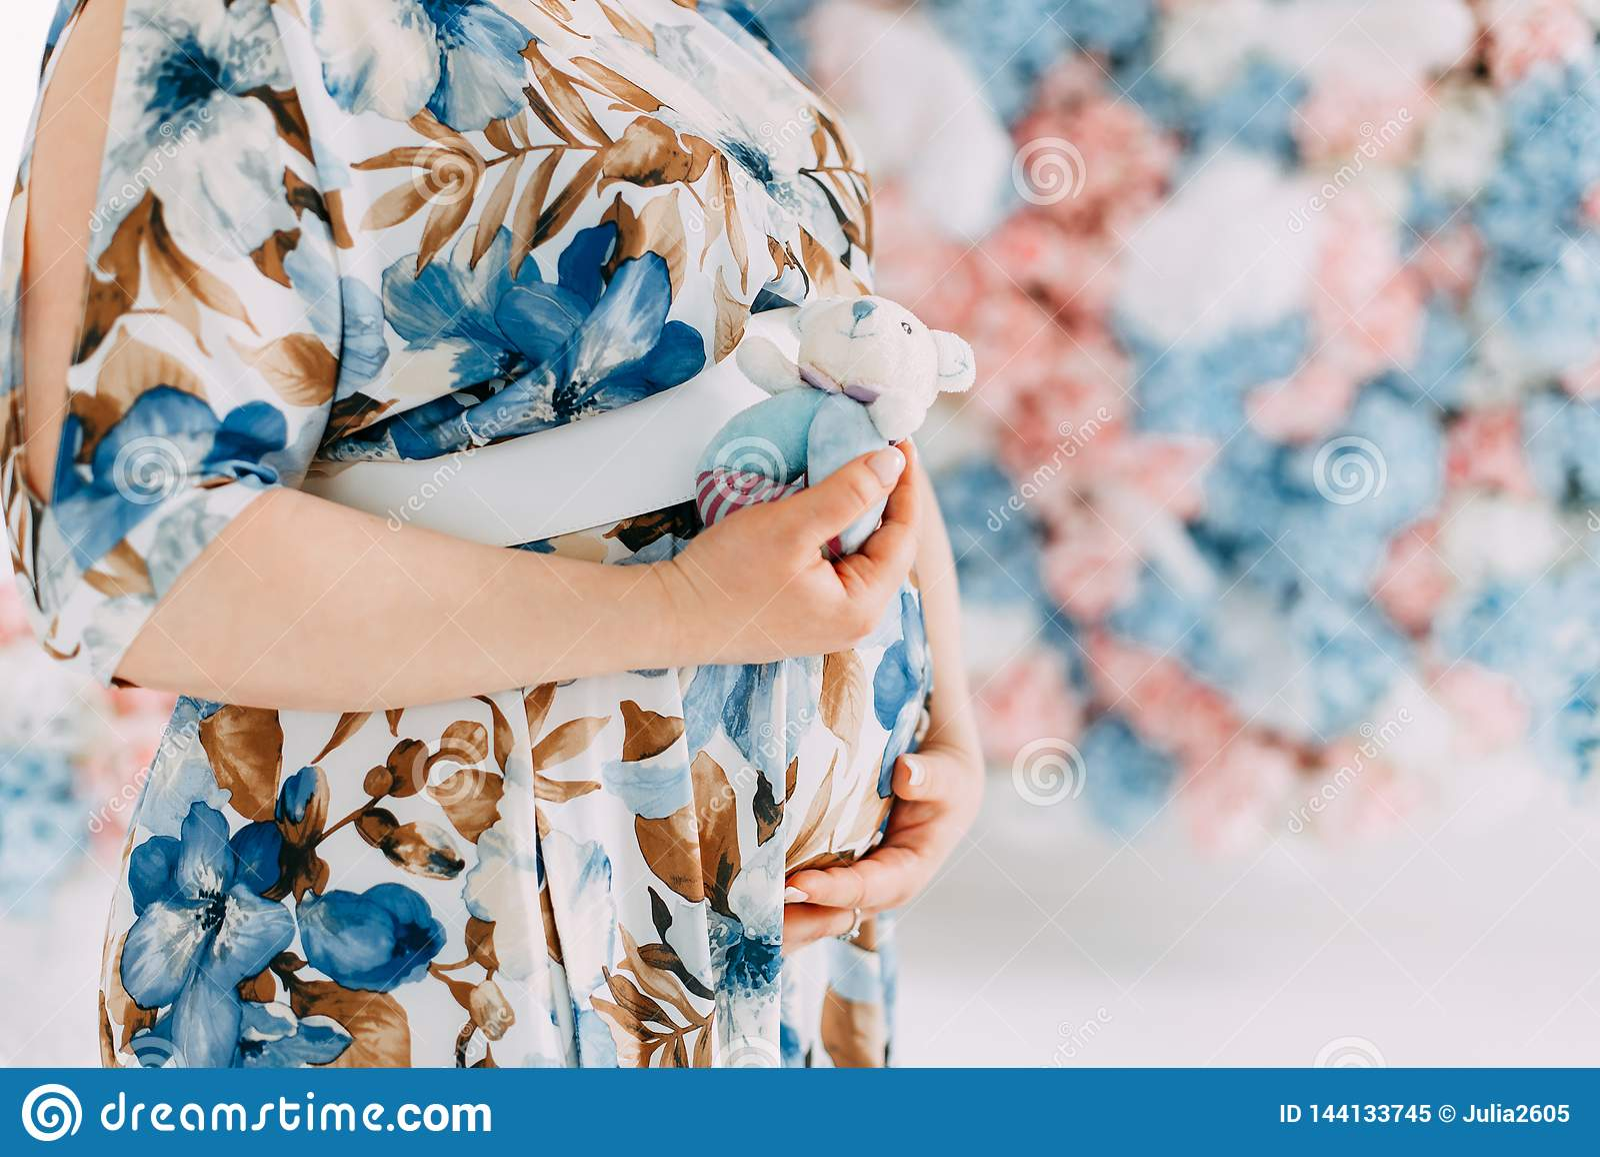 Беременная женщина в чувствительном голубом платье штрихуя ее живот